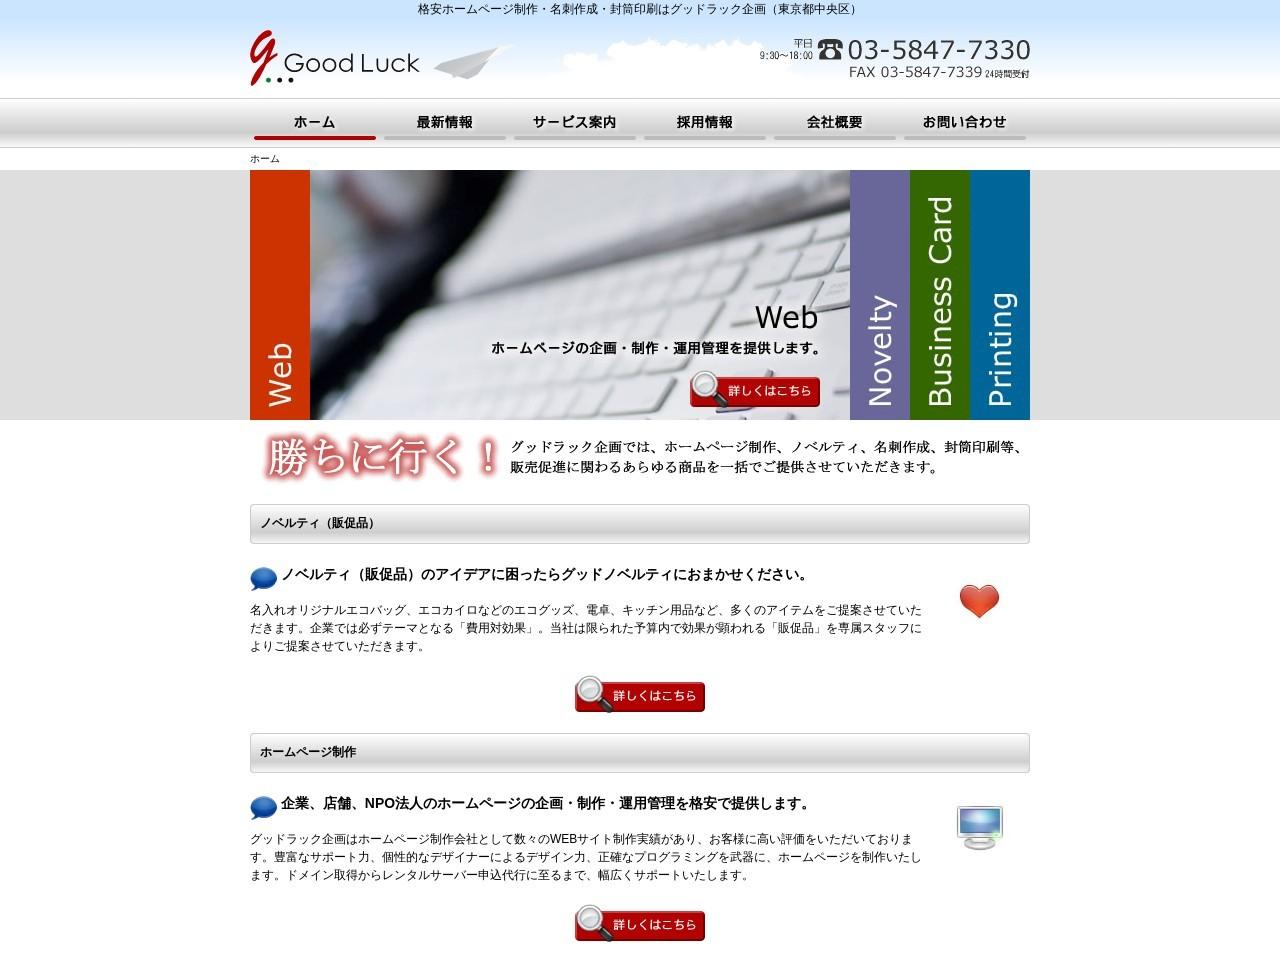 格安ホームページ制作・名刺作成・封筒印刷はグッドラック企画(東京都中央区)